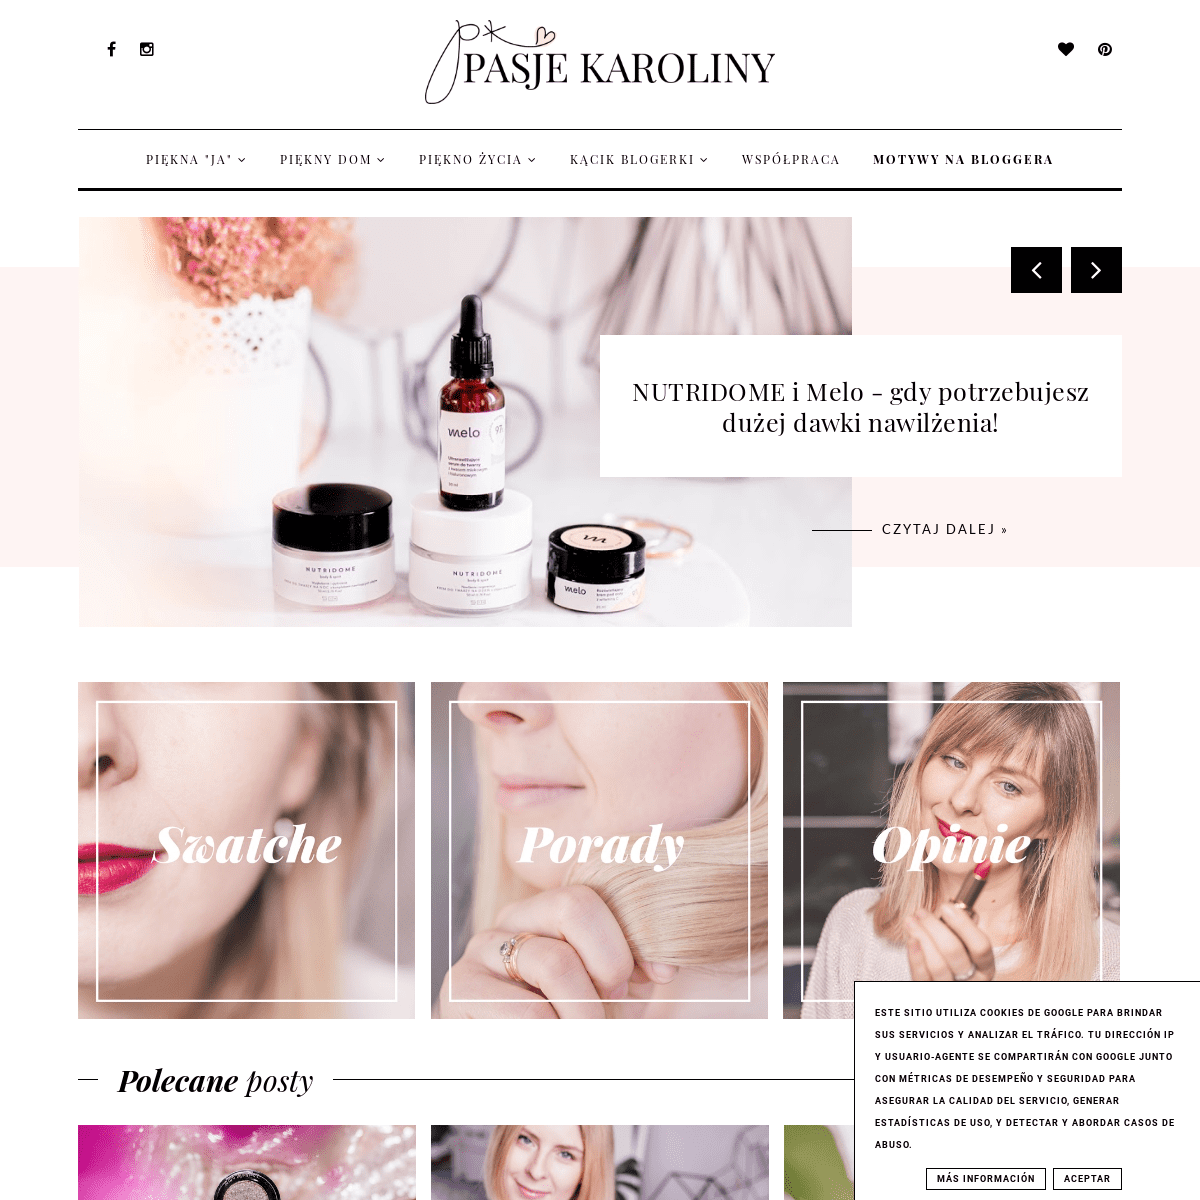 Pasje Karoliny - w poszukiwaniu piękna - blog lifestyle